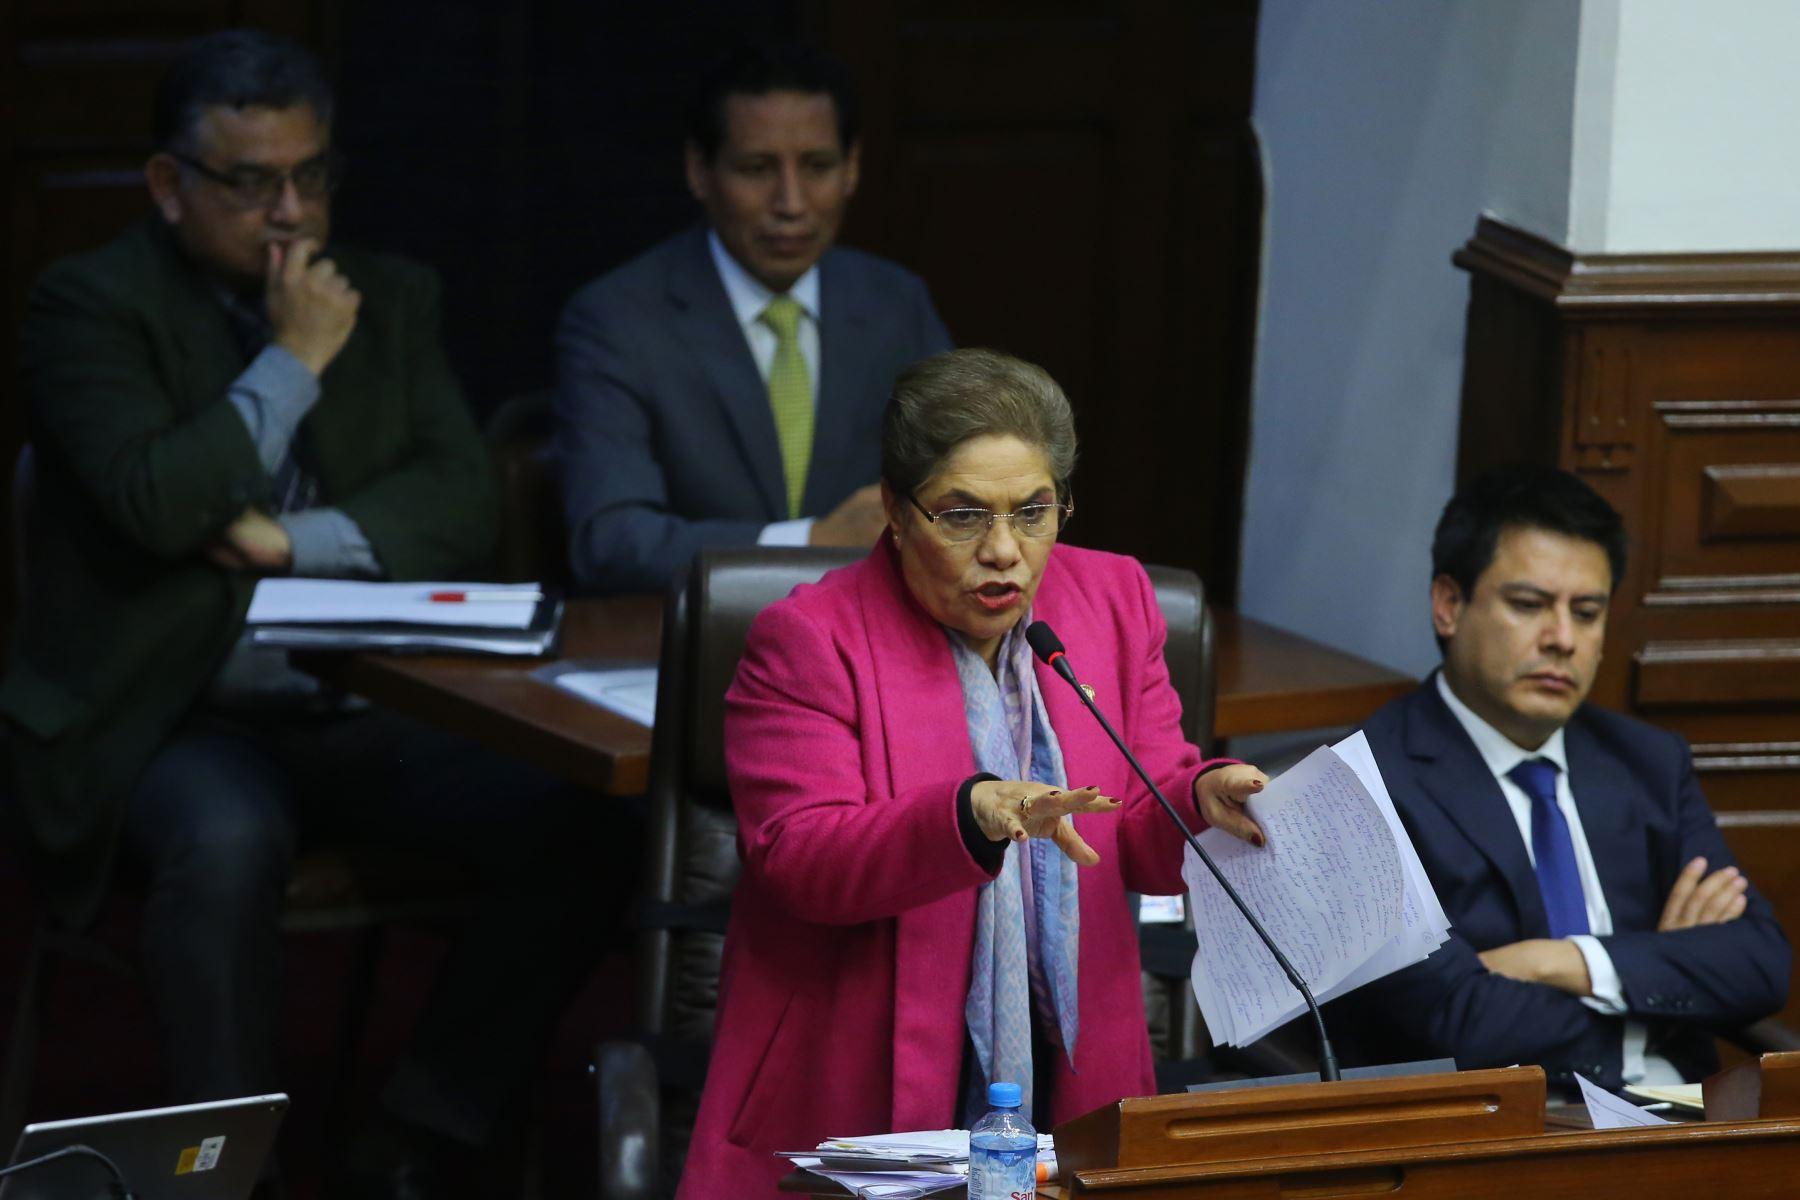 Congresista Luz Salgado interviene en el debate sobre la cuestión de confianza en el Congreso de la República. Foto: ANDINA/Vidal Tarqui